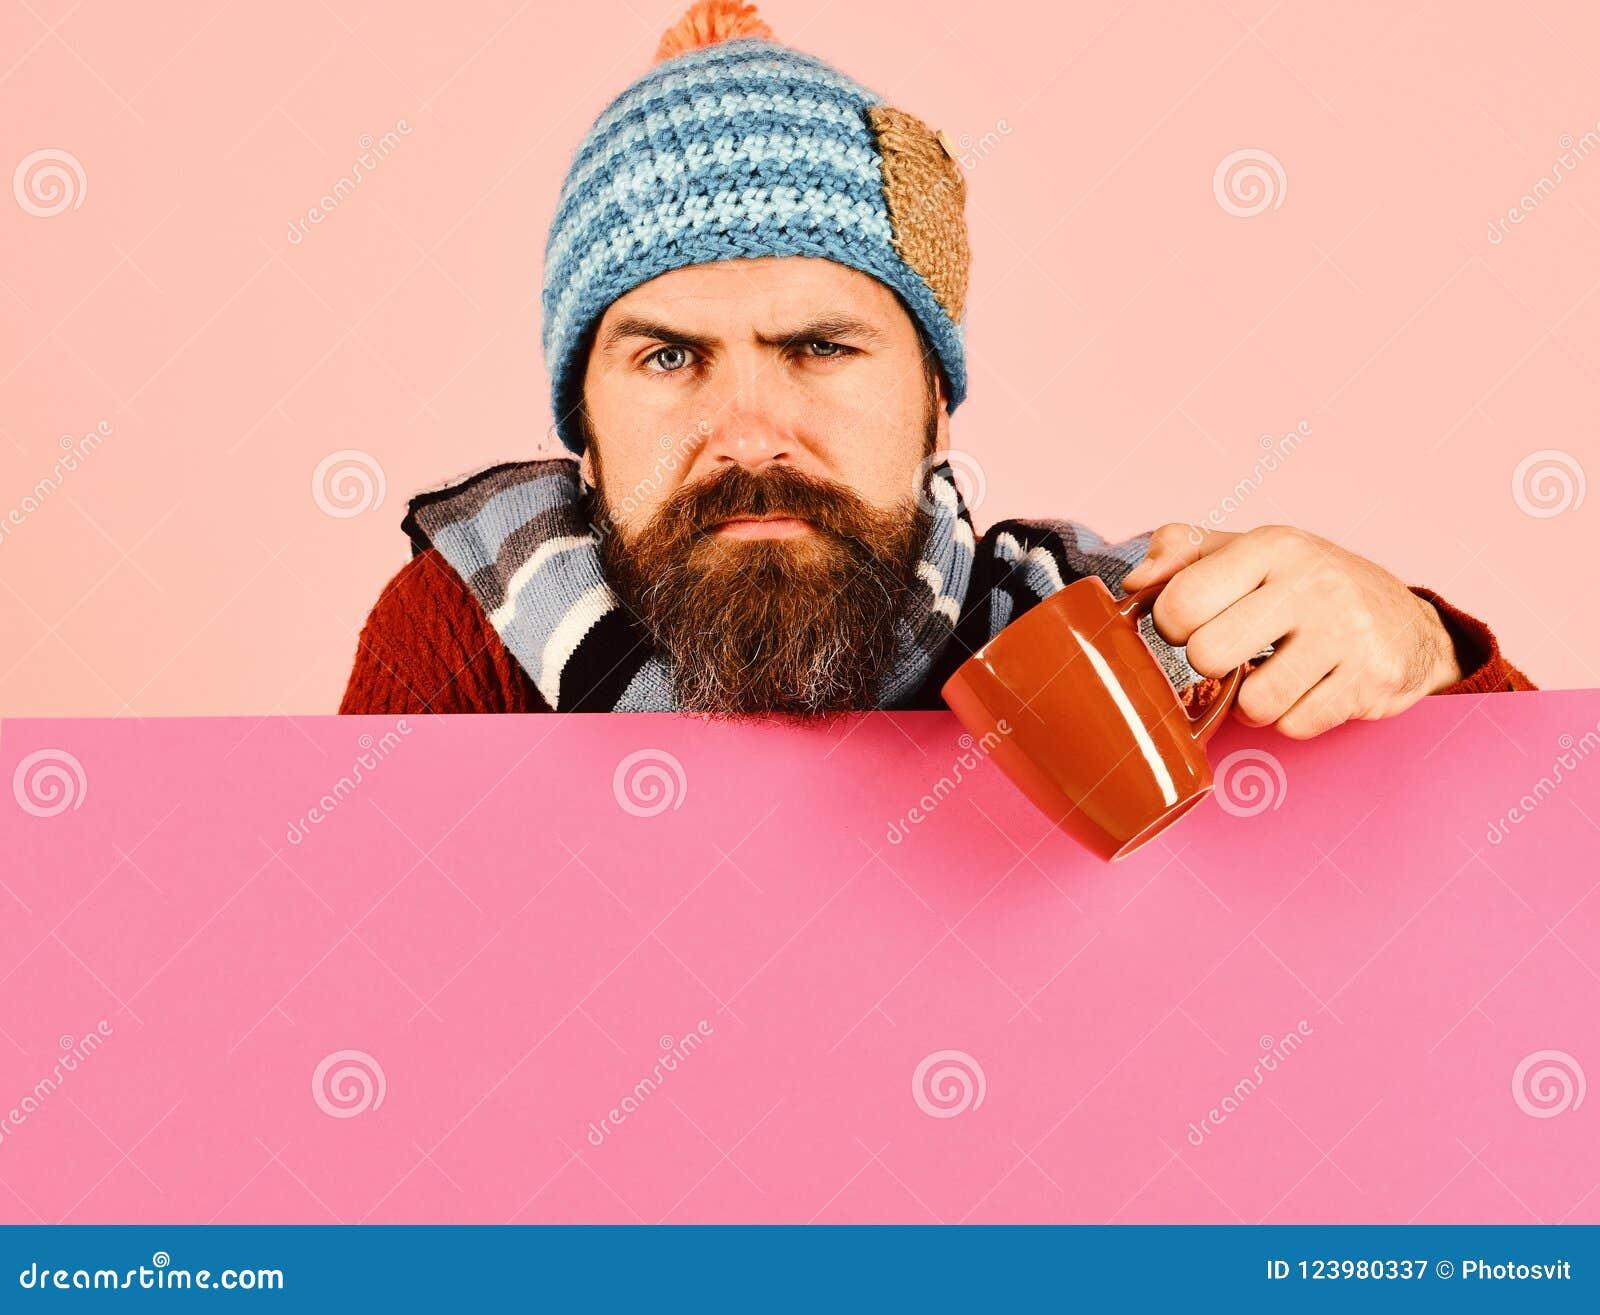 O homem com barba guarda o copo marrom de curar o pó